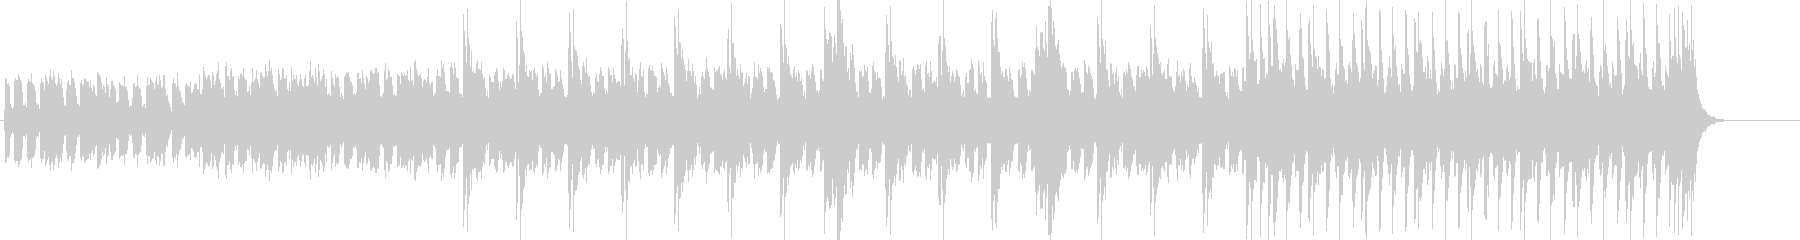 ベース主体の淡々としてクールなBGMの未再生の波形